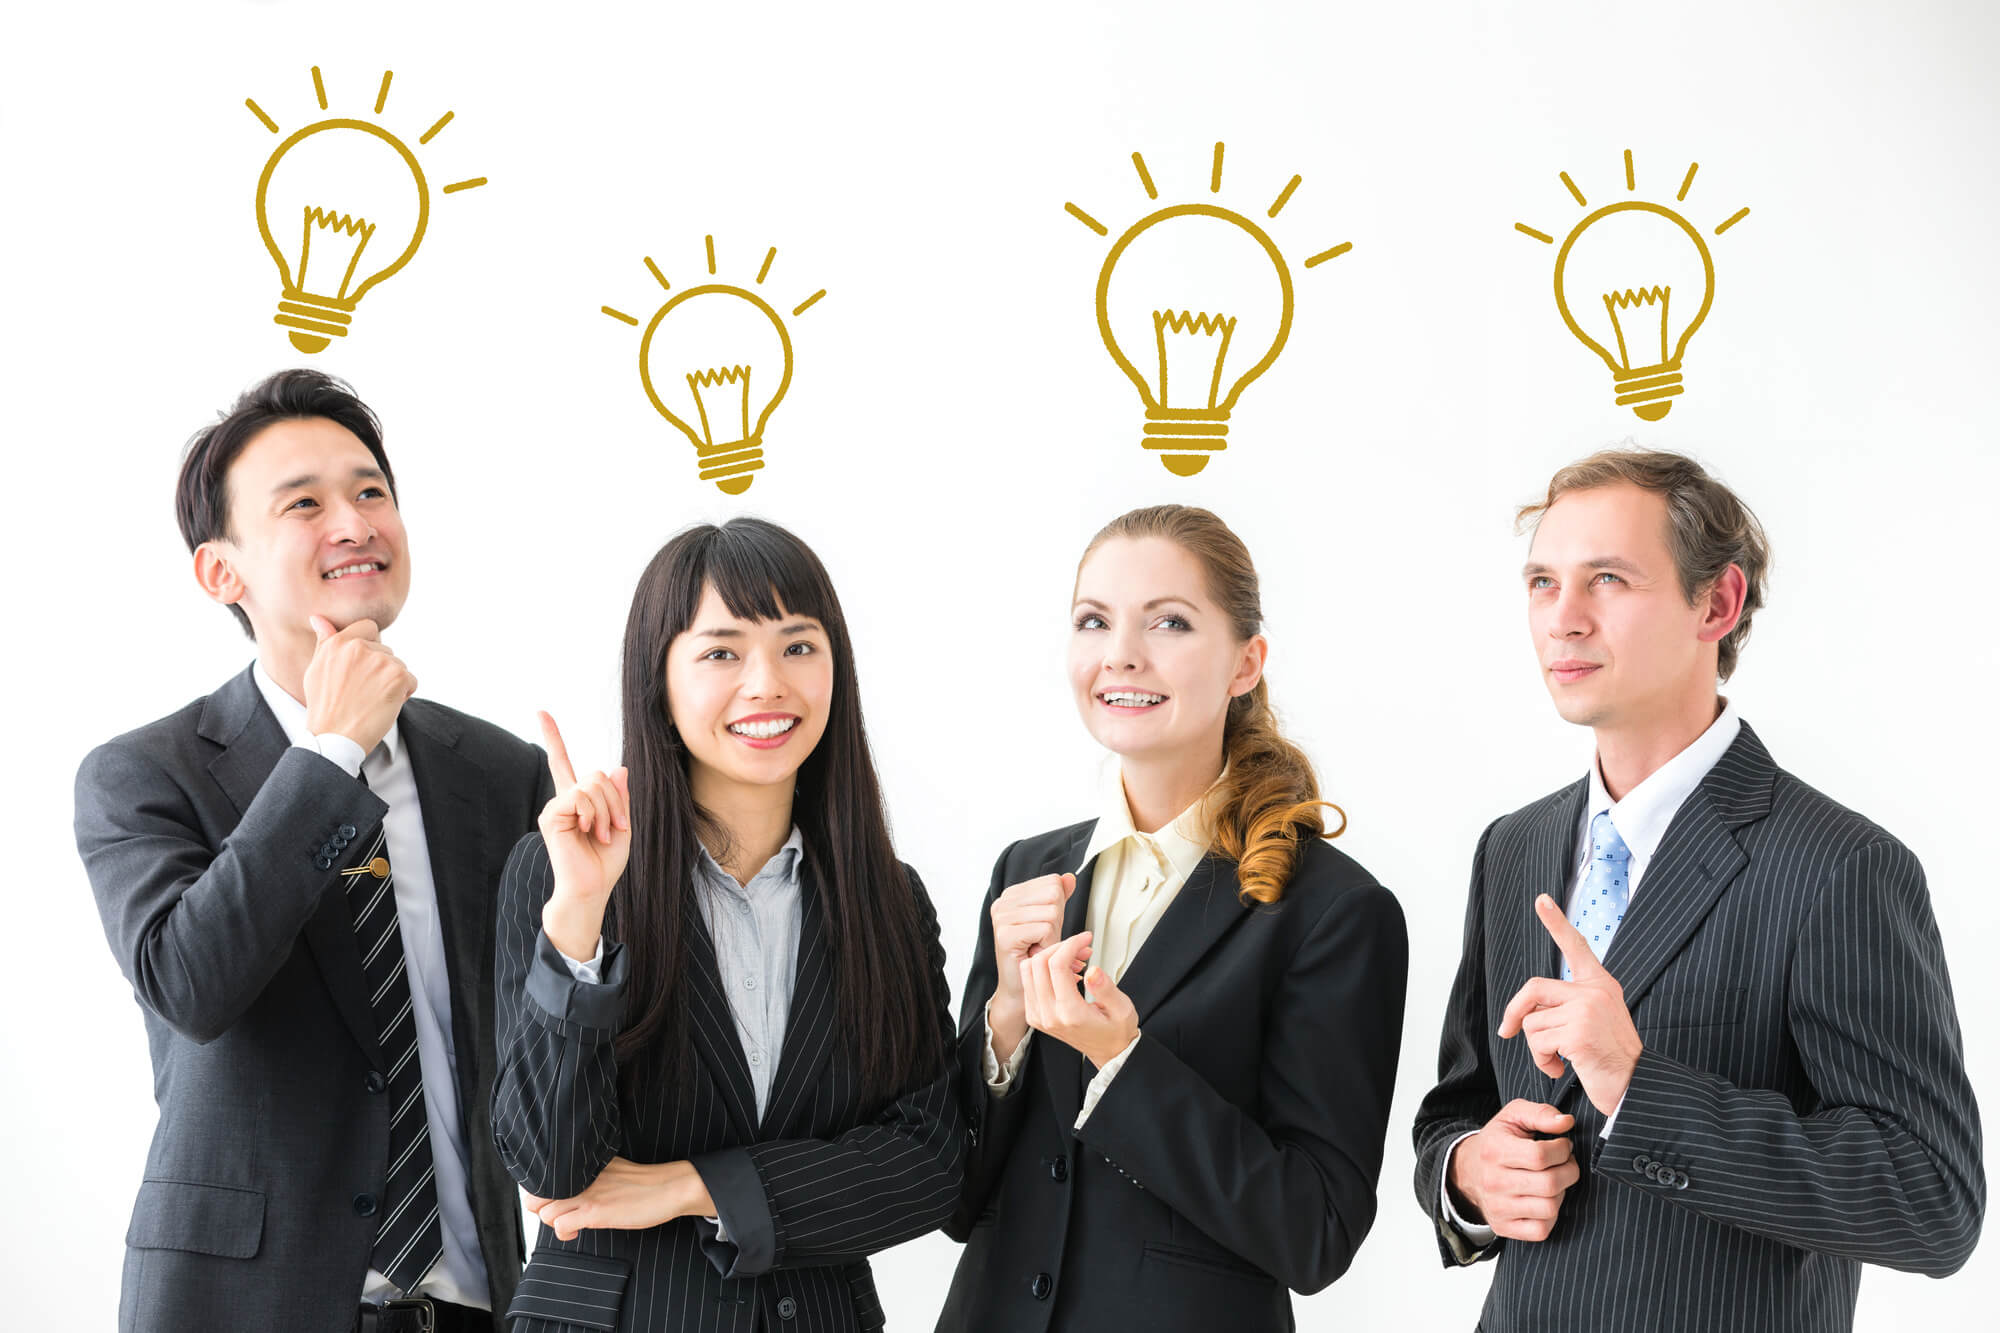 業務効率化のためのアイデアを紹介!IT活用による方法も